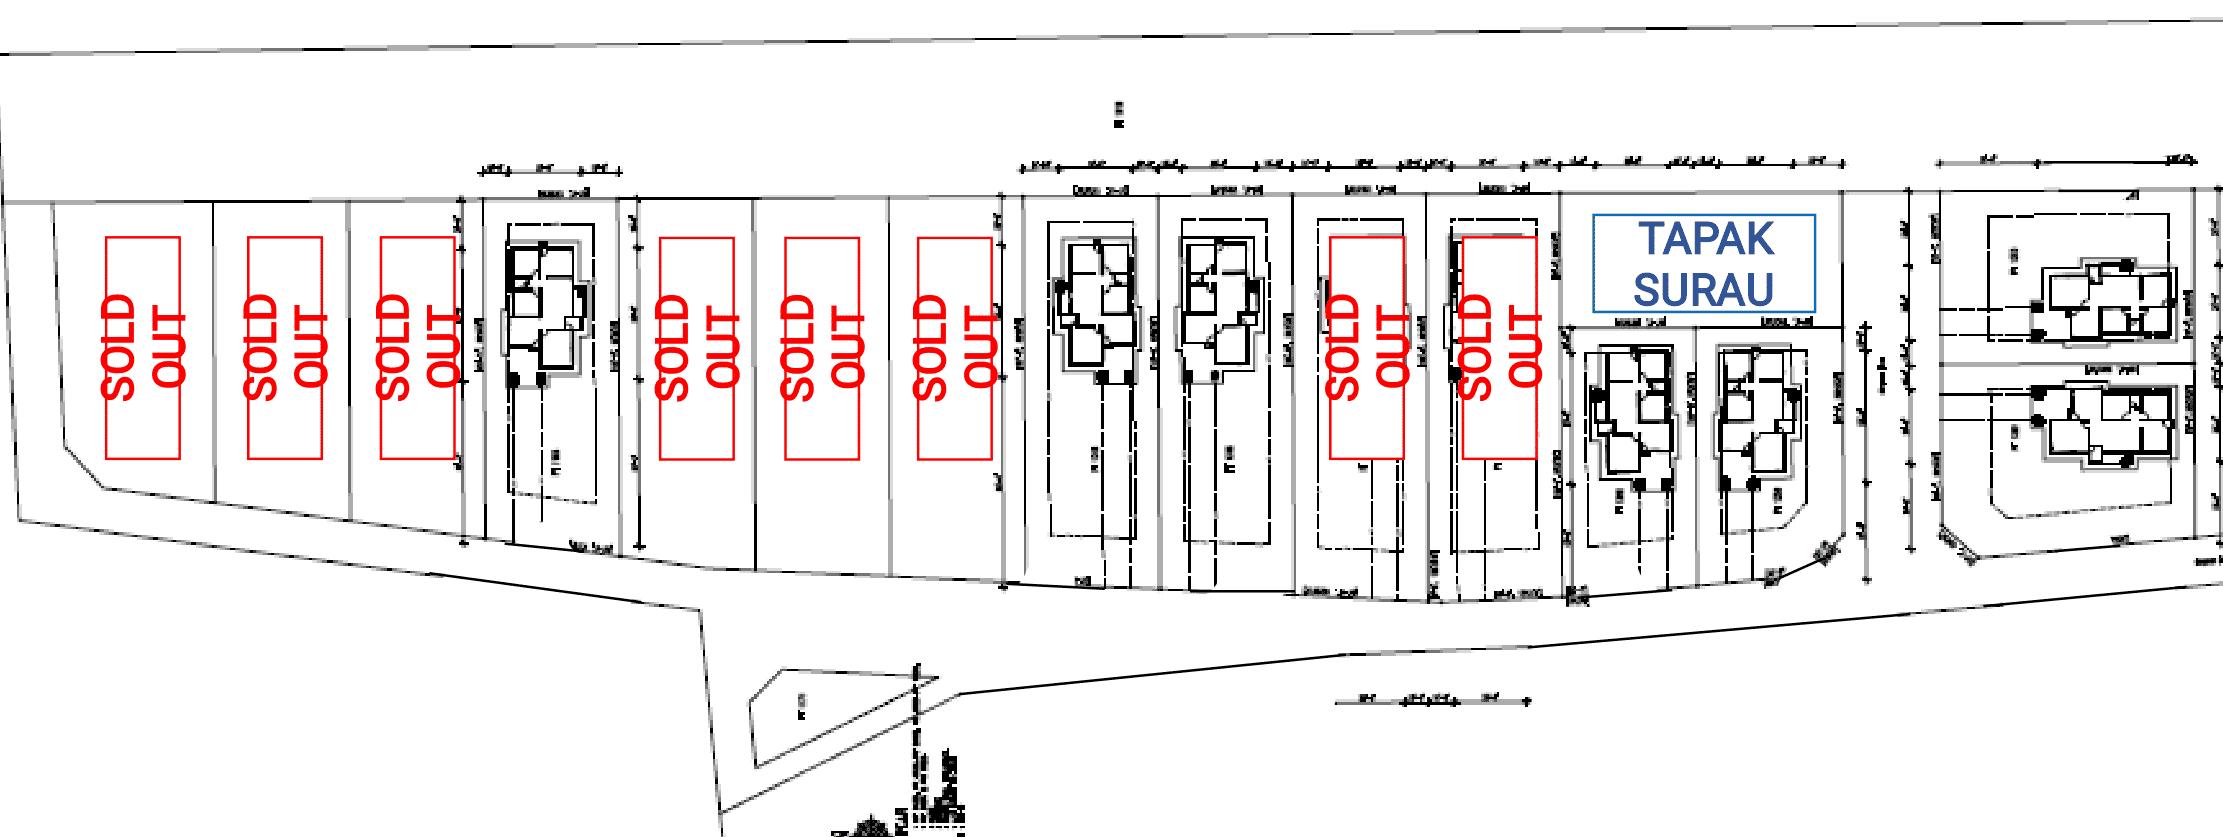 Taman Cempaka (Mukim Jabo) 28